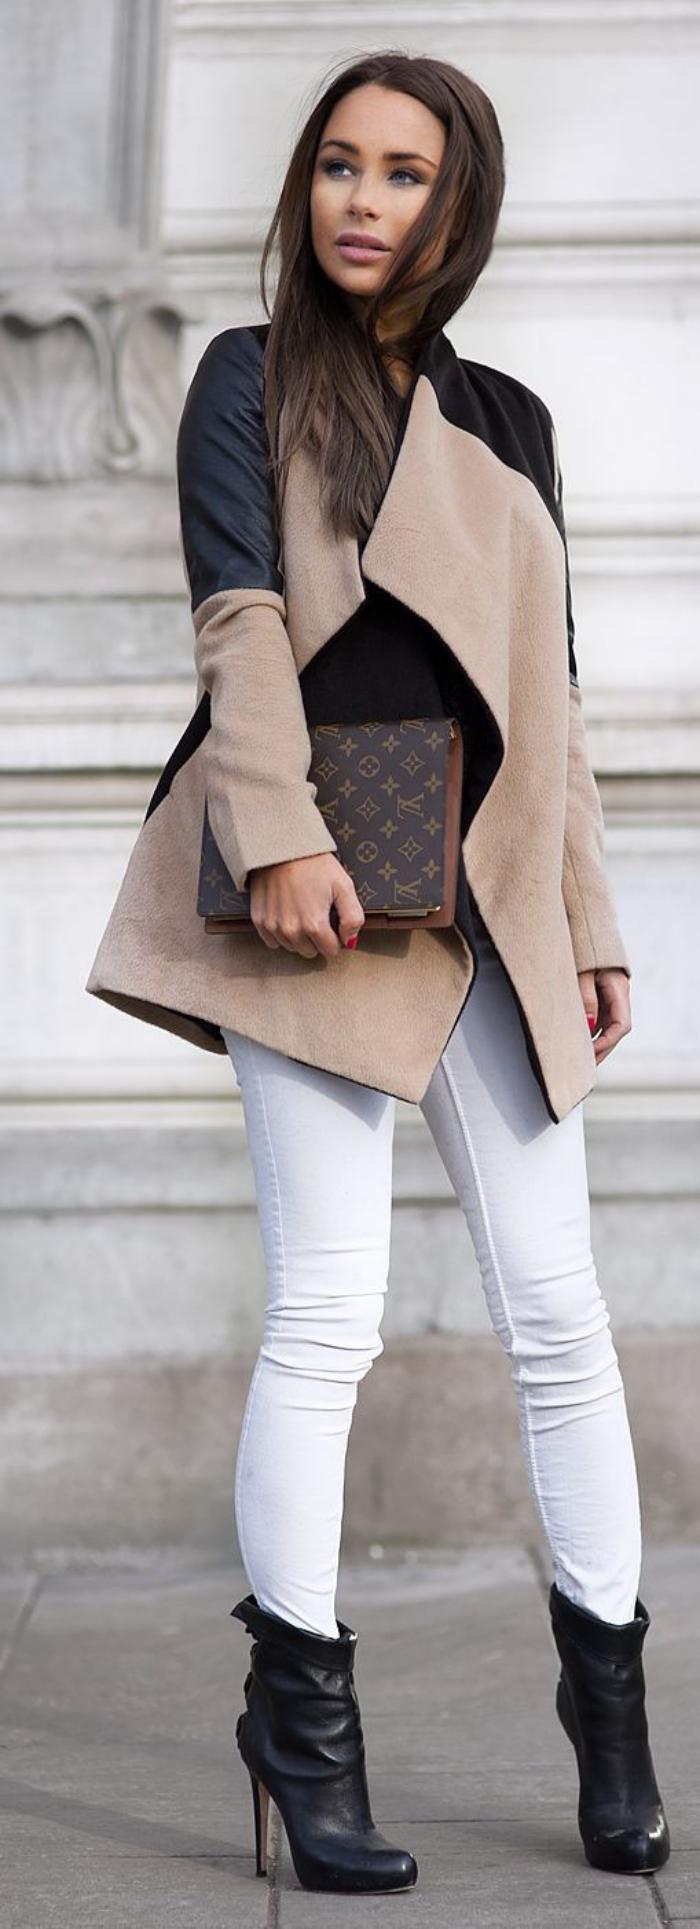 Damen-Mantel-Karamell-Farbe-schwarze-Teile-schöne-Kombination